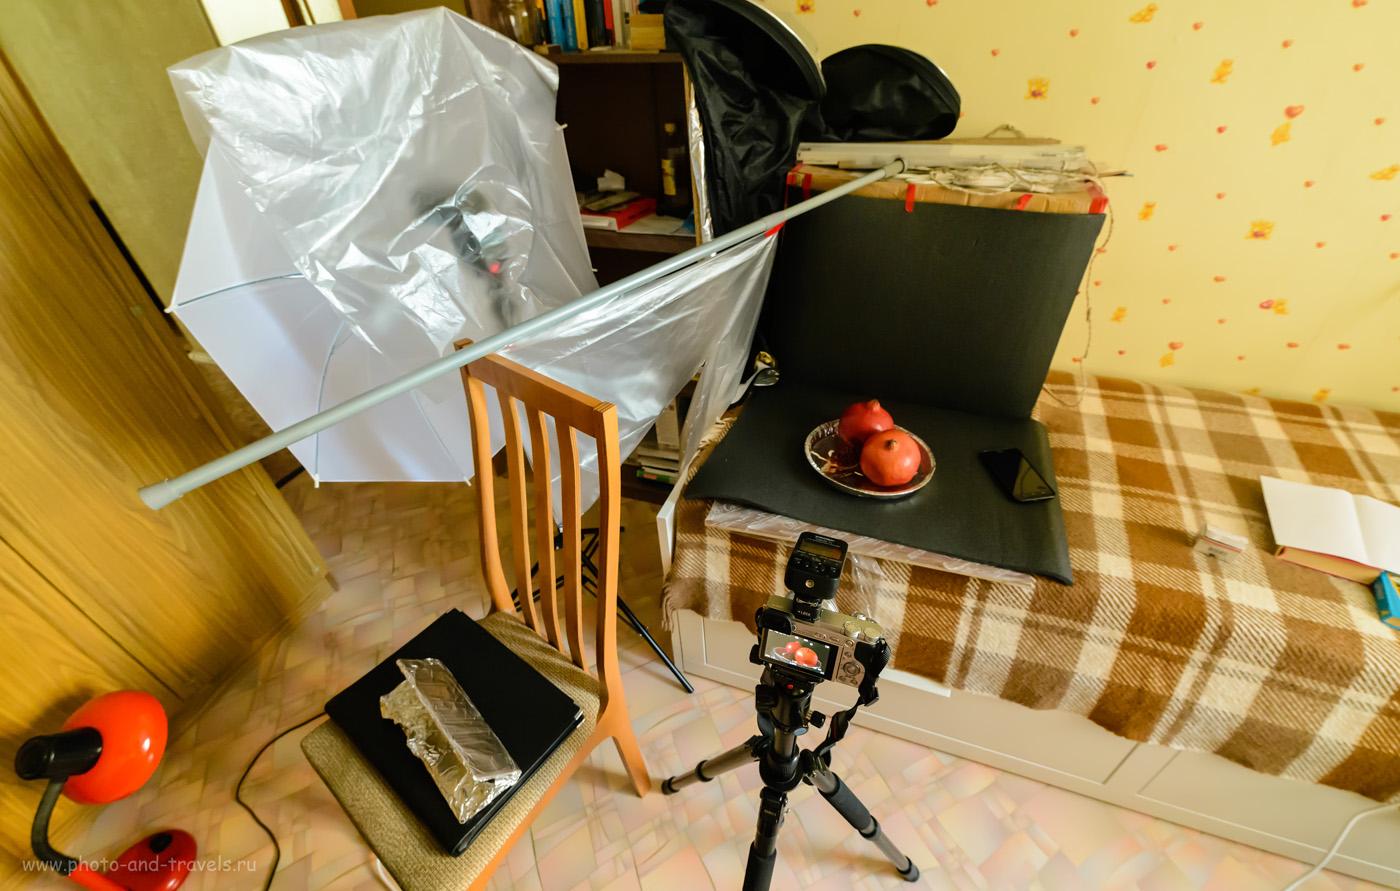 Фото 10. Чтобы в дальнейшем приглушить освещенность фона, я слева установил черную преграду. Фотографируем натюрморт на Sony A6000 KIT 16-50mm f/3.5-5.6 с внешней вспышкой Yongnuo YN-685N и радиопередатчиком Yongnuo YN-622N-TX.